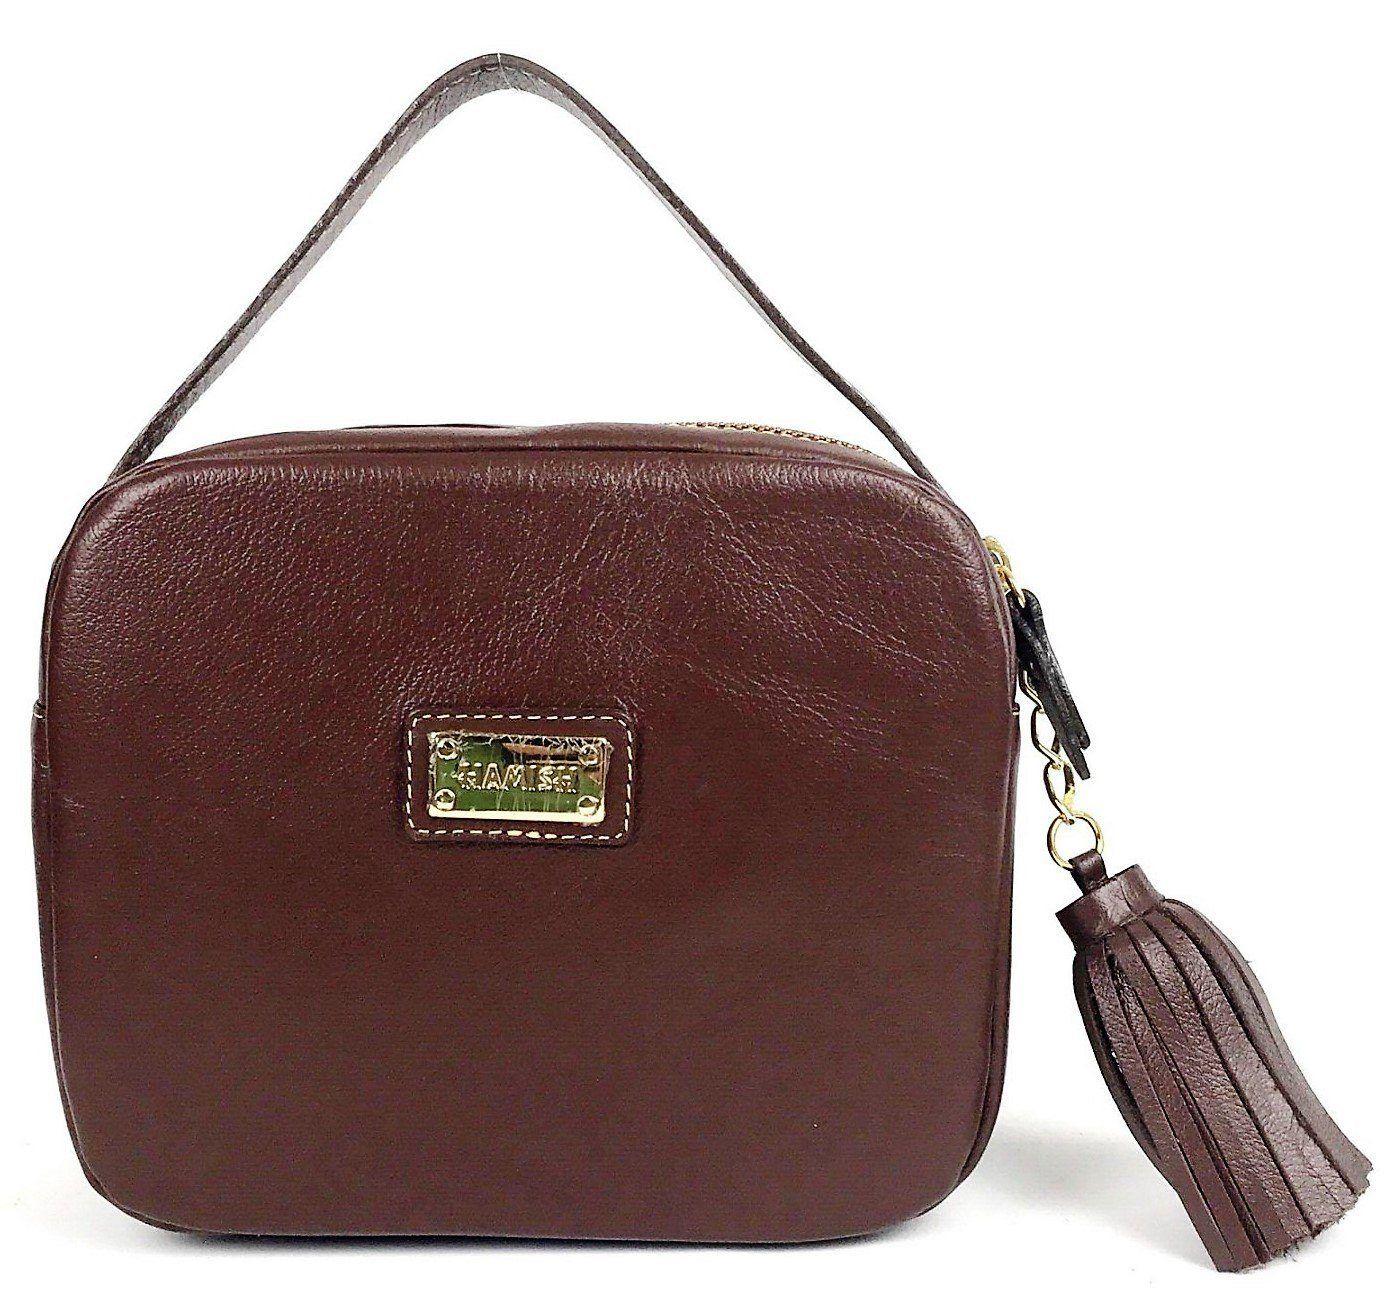 4170ce2b1 Bolsa feminina marrom pequena de couro tiracolo com alça de mão e  transversal HB629 | HAMISH